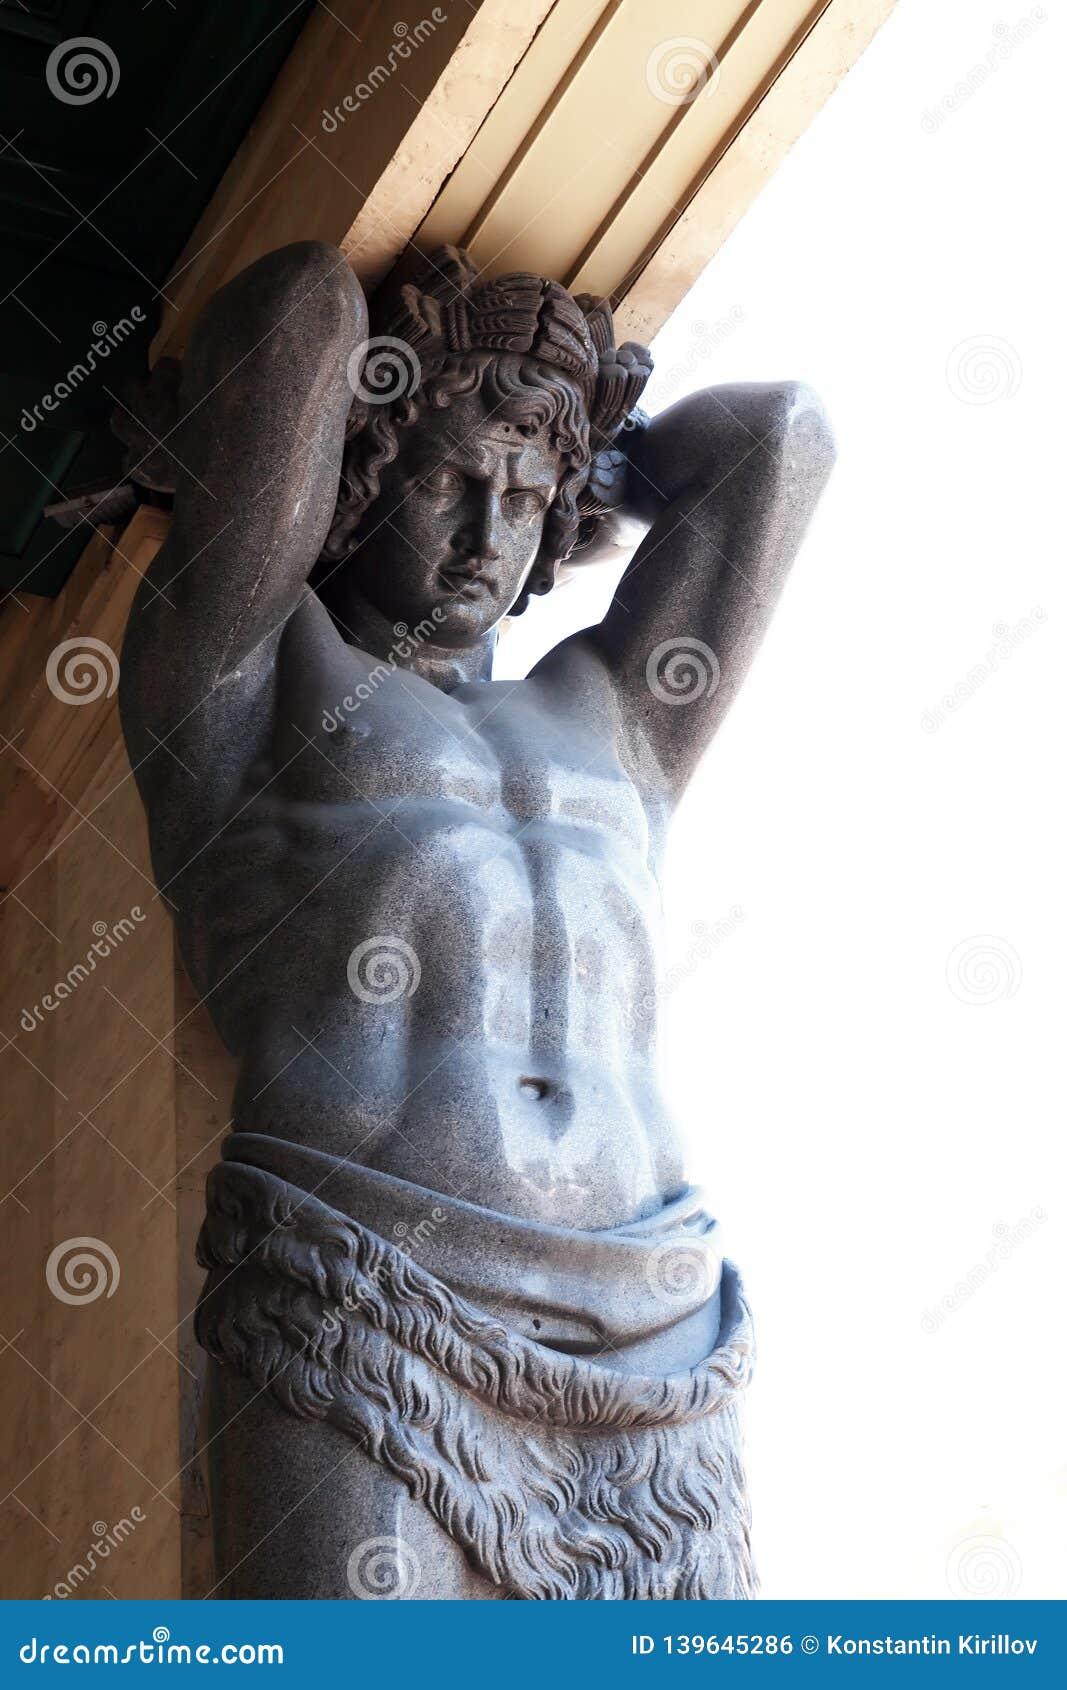 Atlas Sculptures In Hermitage